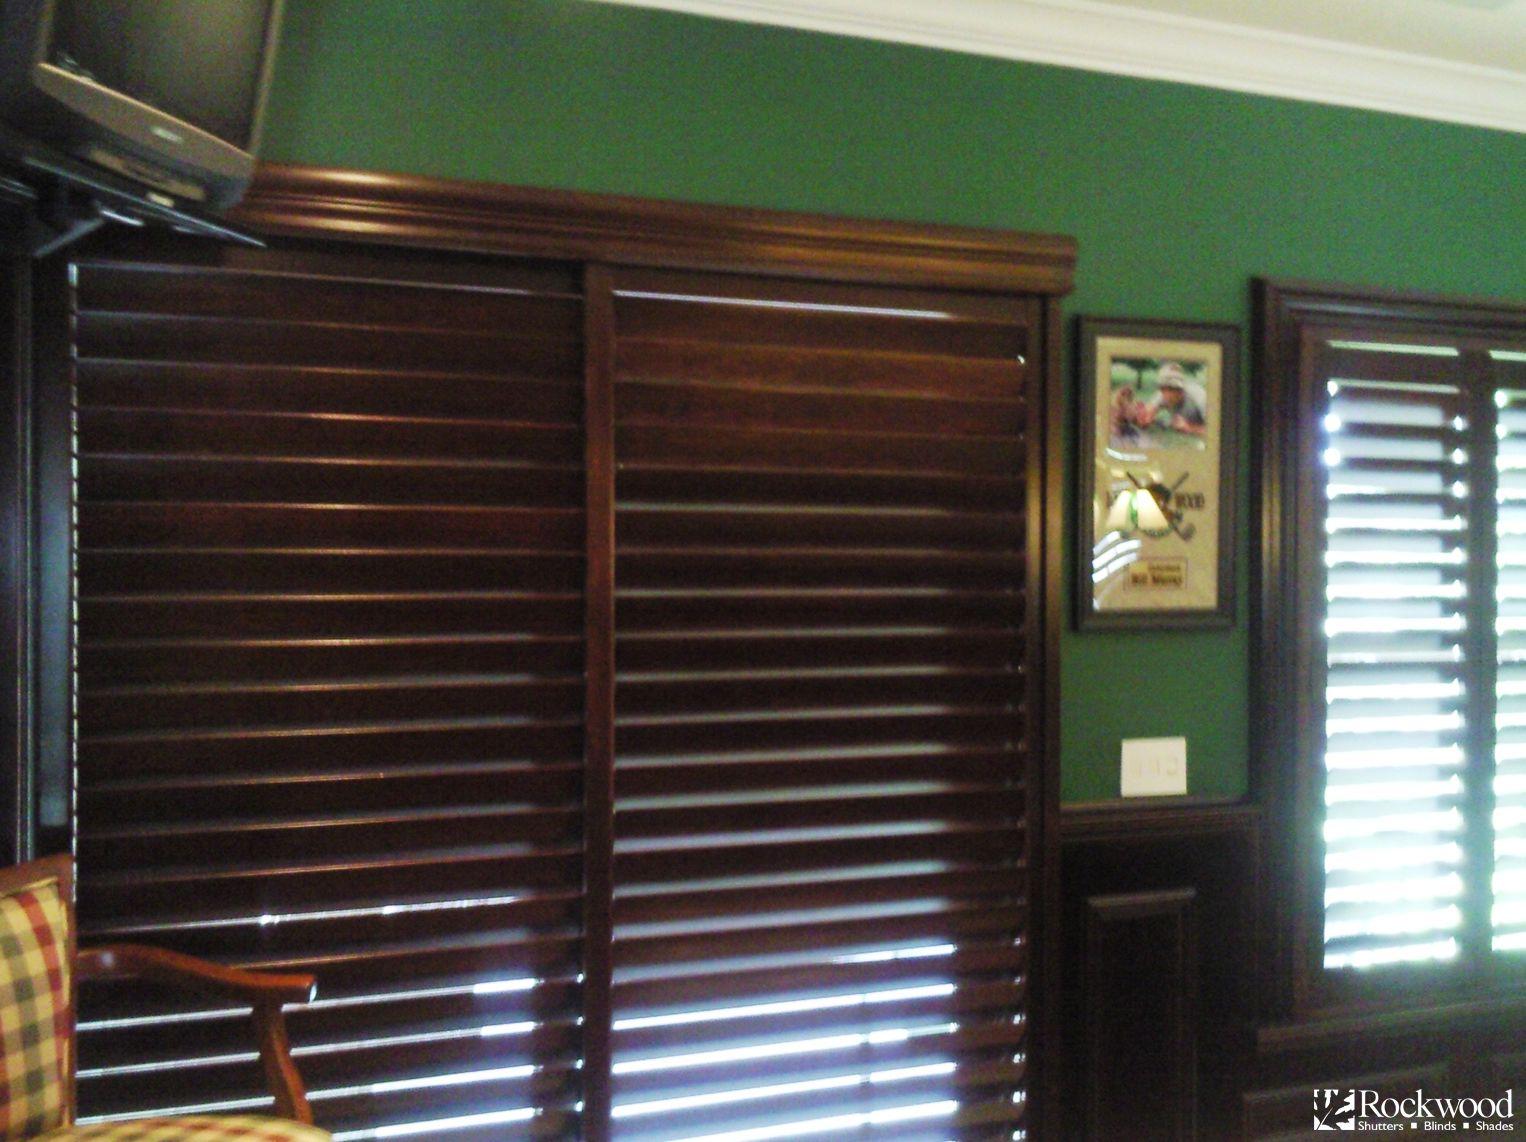 Sliding glass patio doors wood - Loving The Wood Stain Sliding Shutters On The Sliding Glass Patio Door In This Gameroom